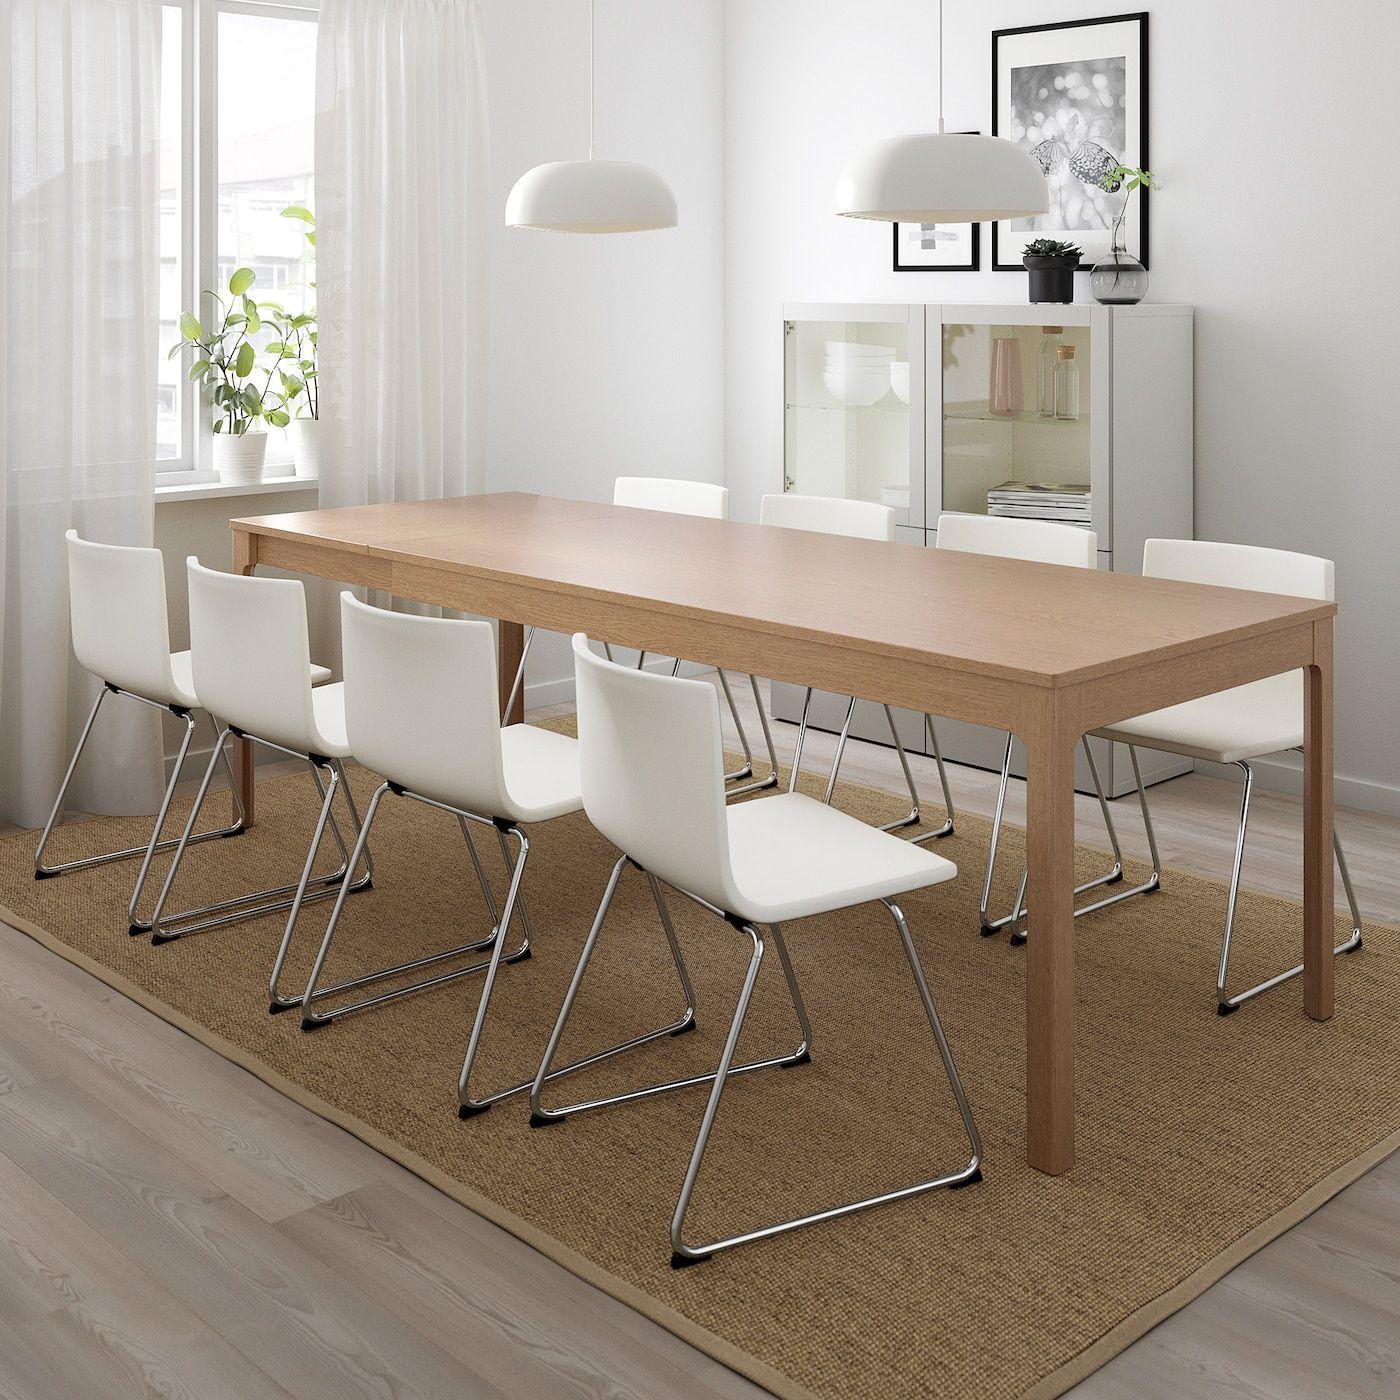 Ekedalen Bernhard Tisch Und 6 Stuhle Eiche Mjuk Weiss Ikea